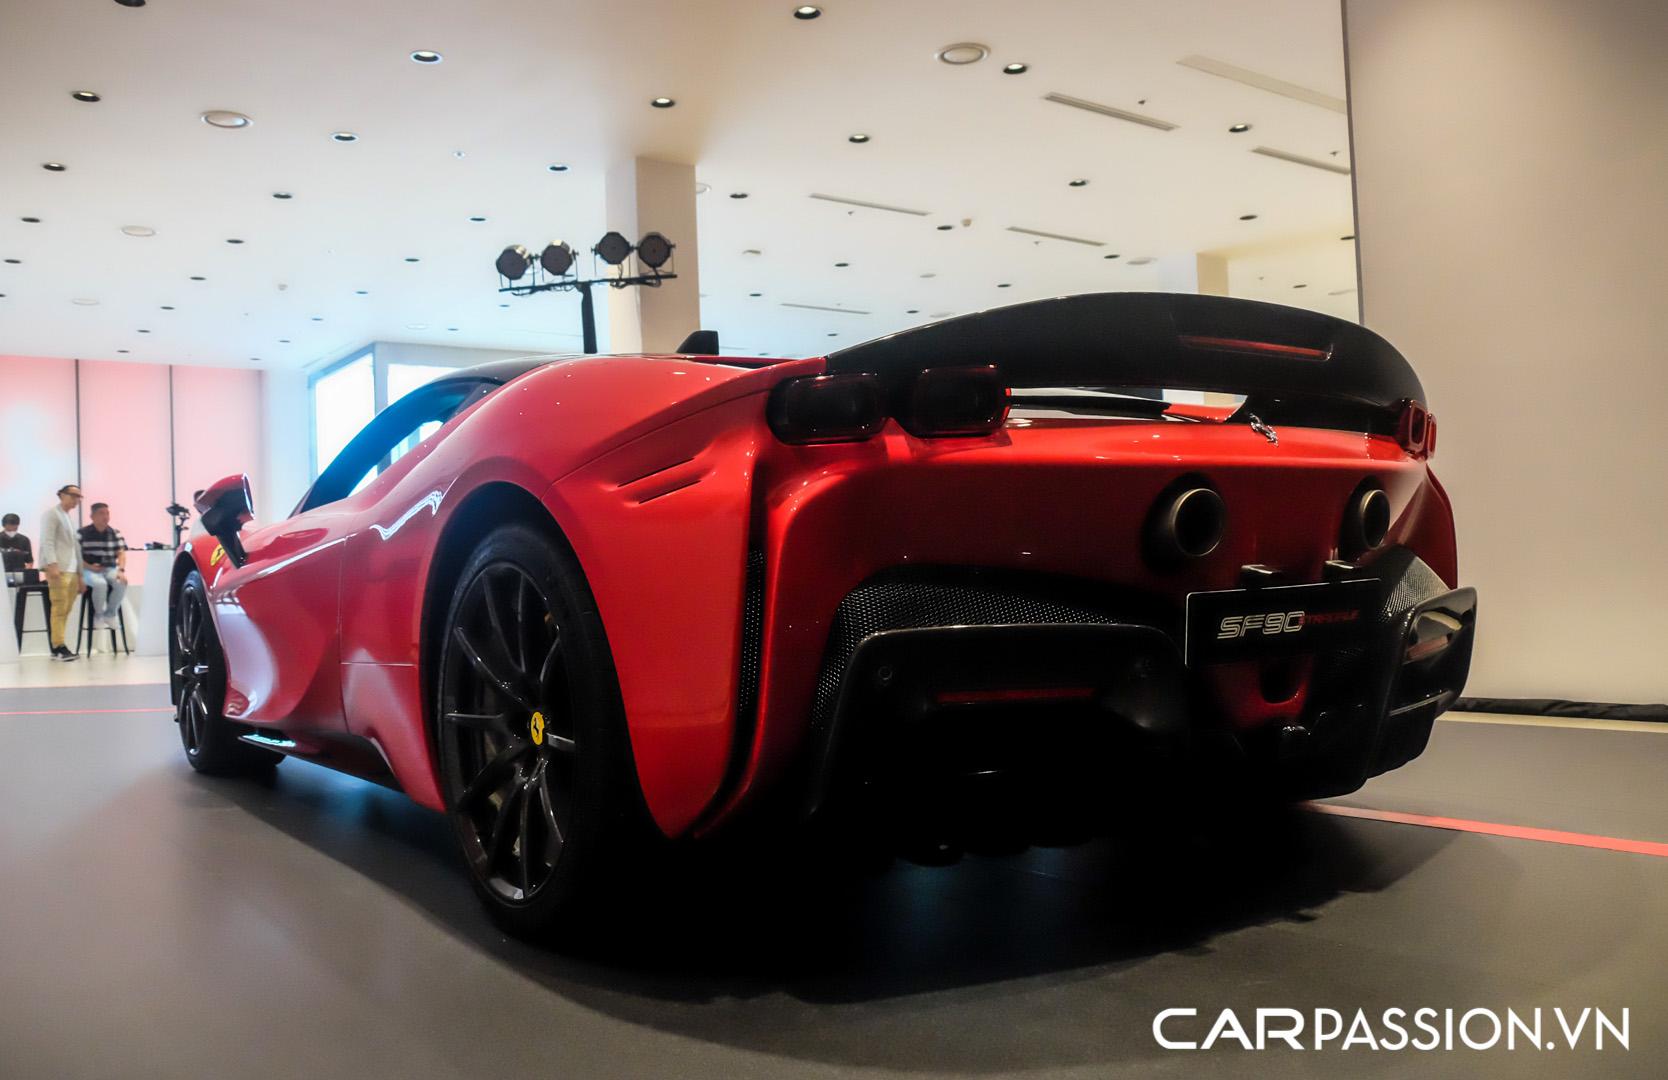 CP-Ferrari SF90 Stradale (22).JPG